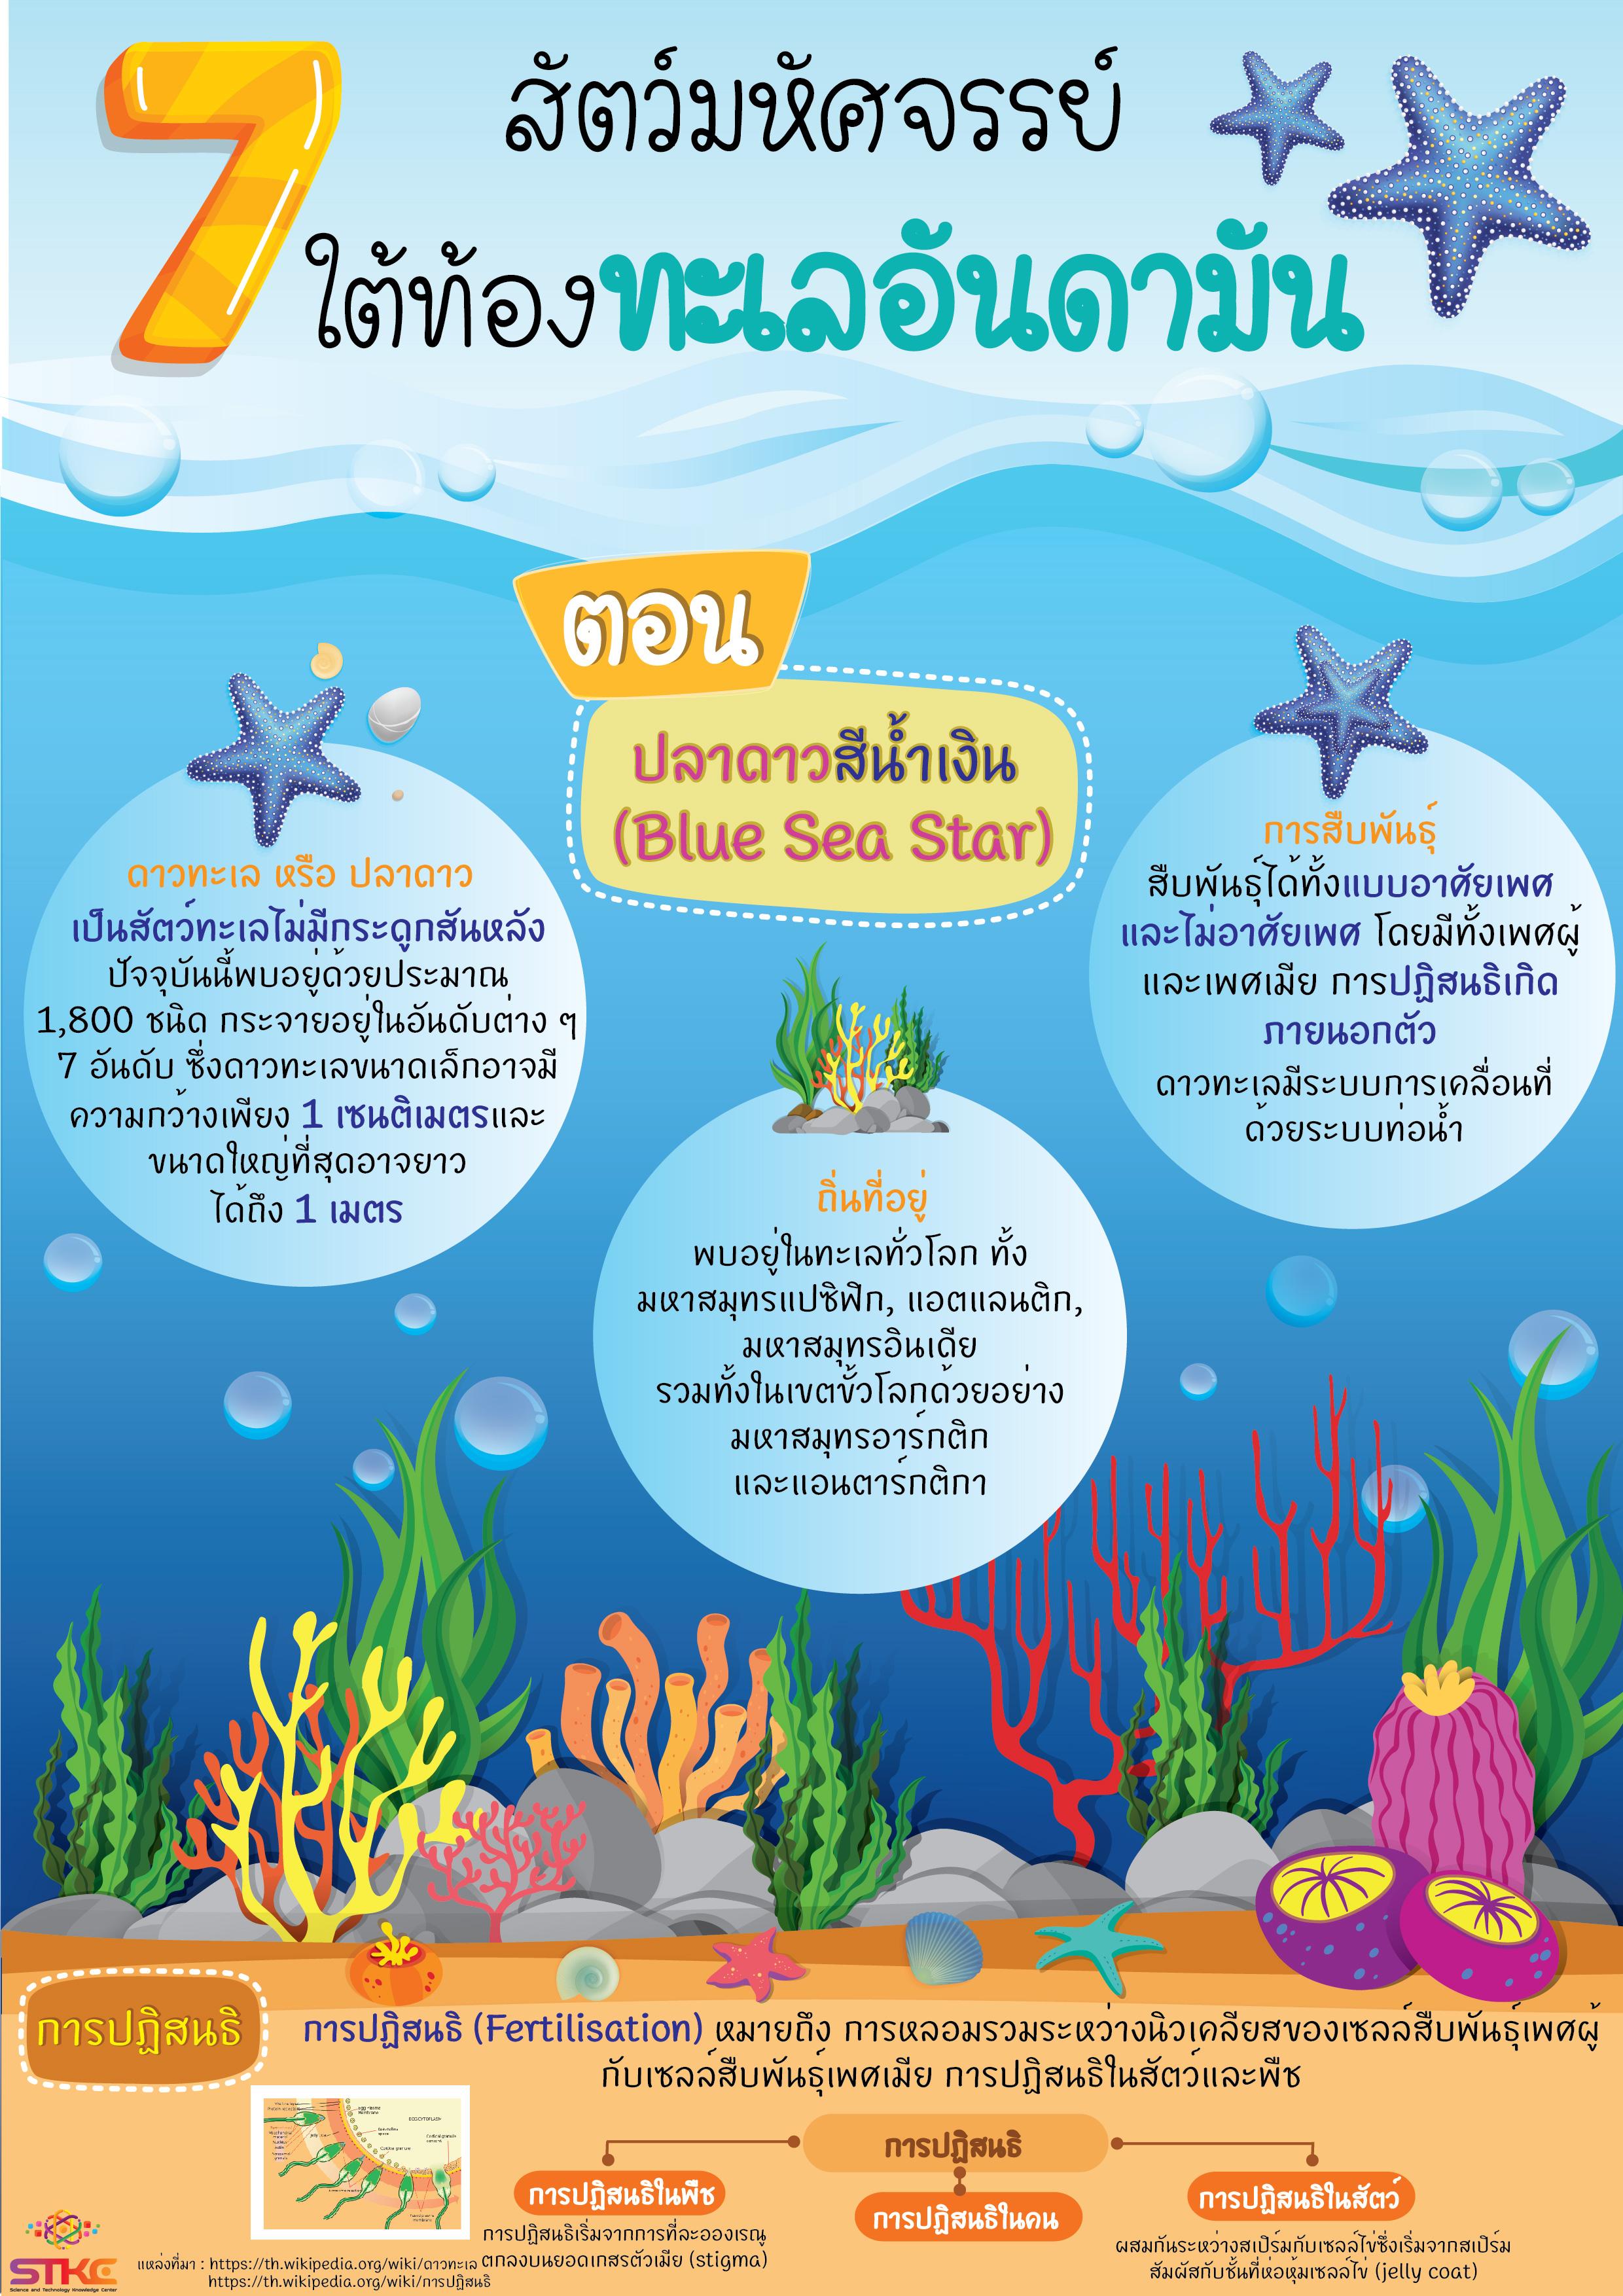 7 สัตว์มหัศจรรย์ ใต้ท้องทะเลอันดามัน ตอน ปลาดาวสีน้ำเงิน Blue Sea Star